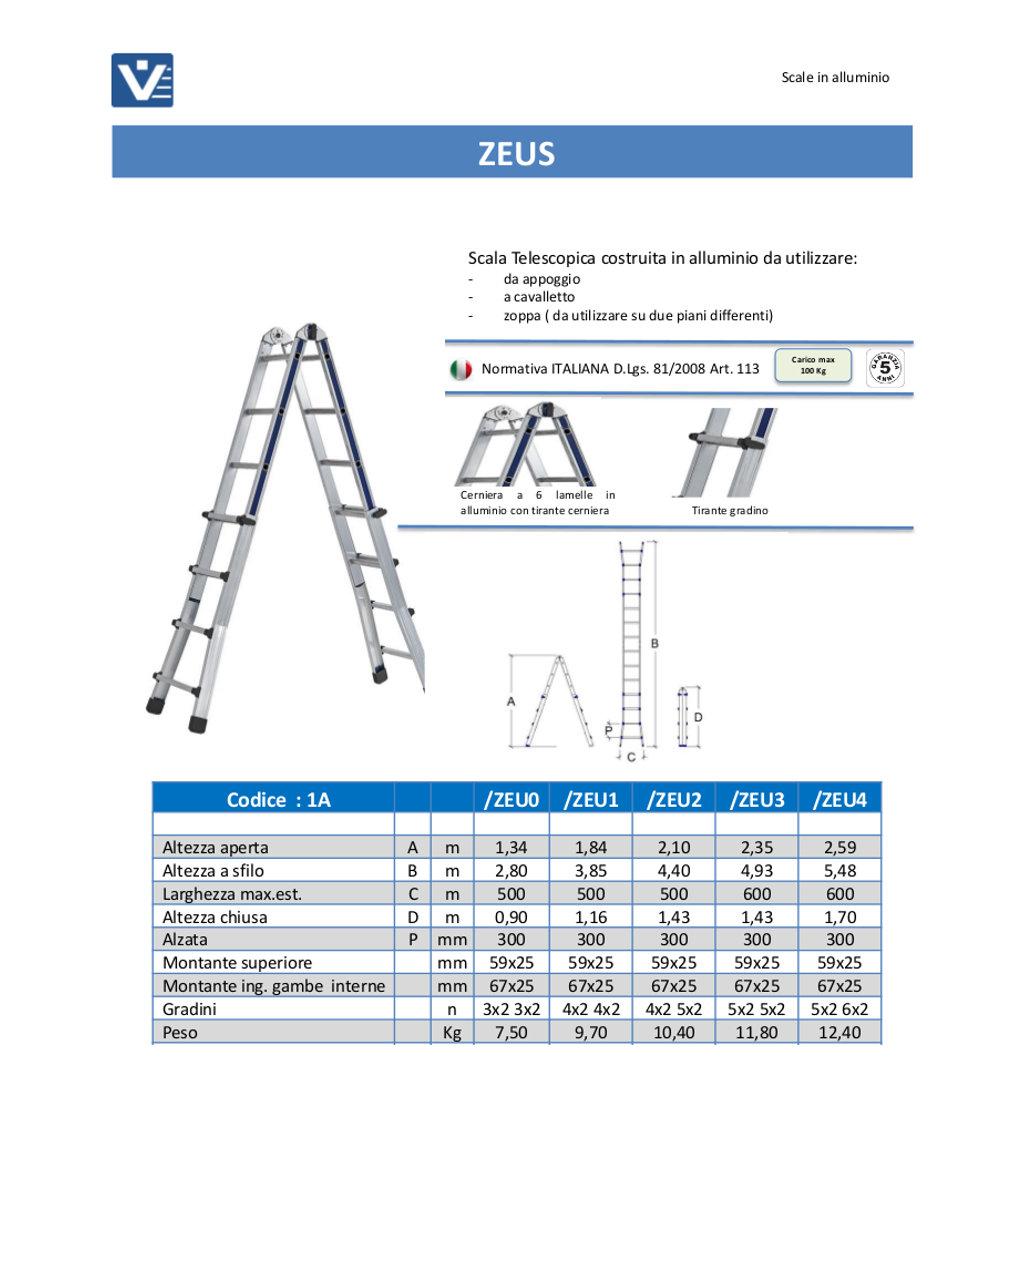 Scala telescopica alluminio zeus uso professionale - Scala telescopica alluminio ...